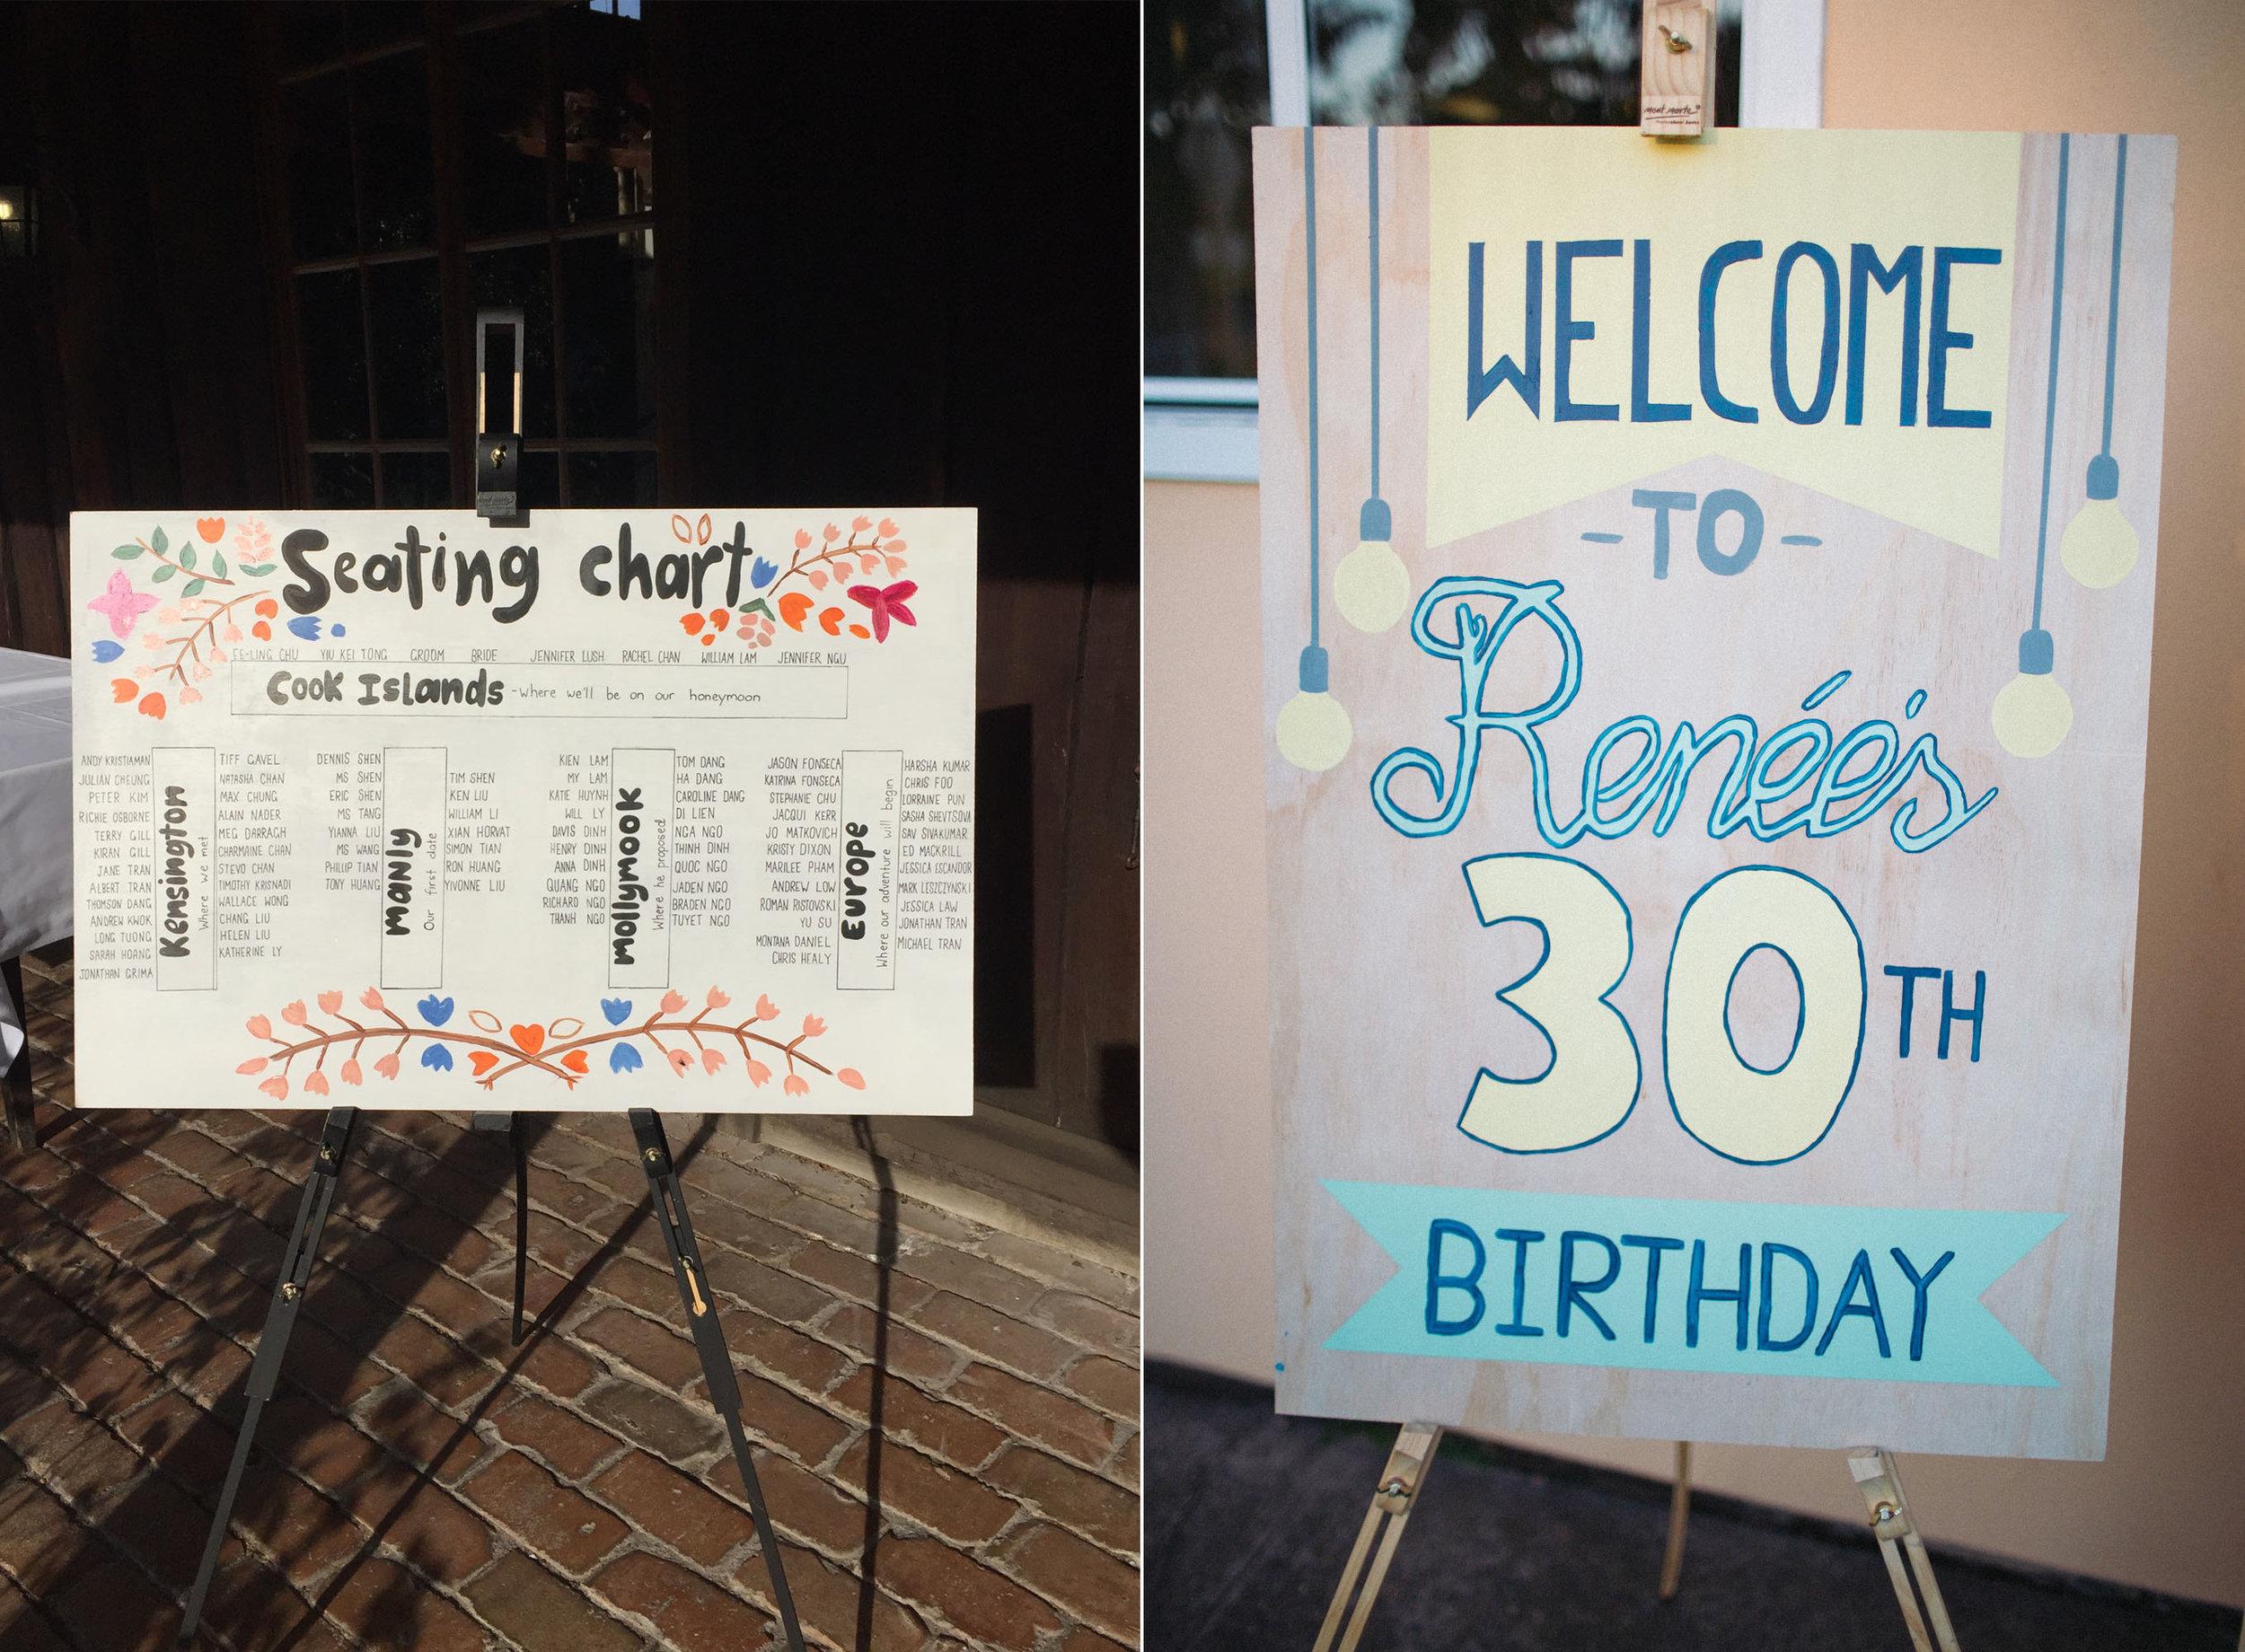 Renee's 30th-2 copy.jpg